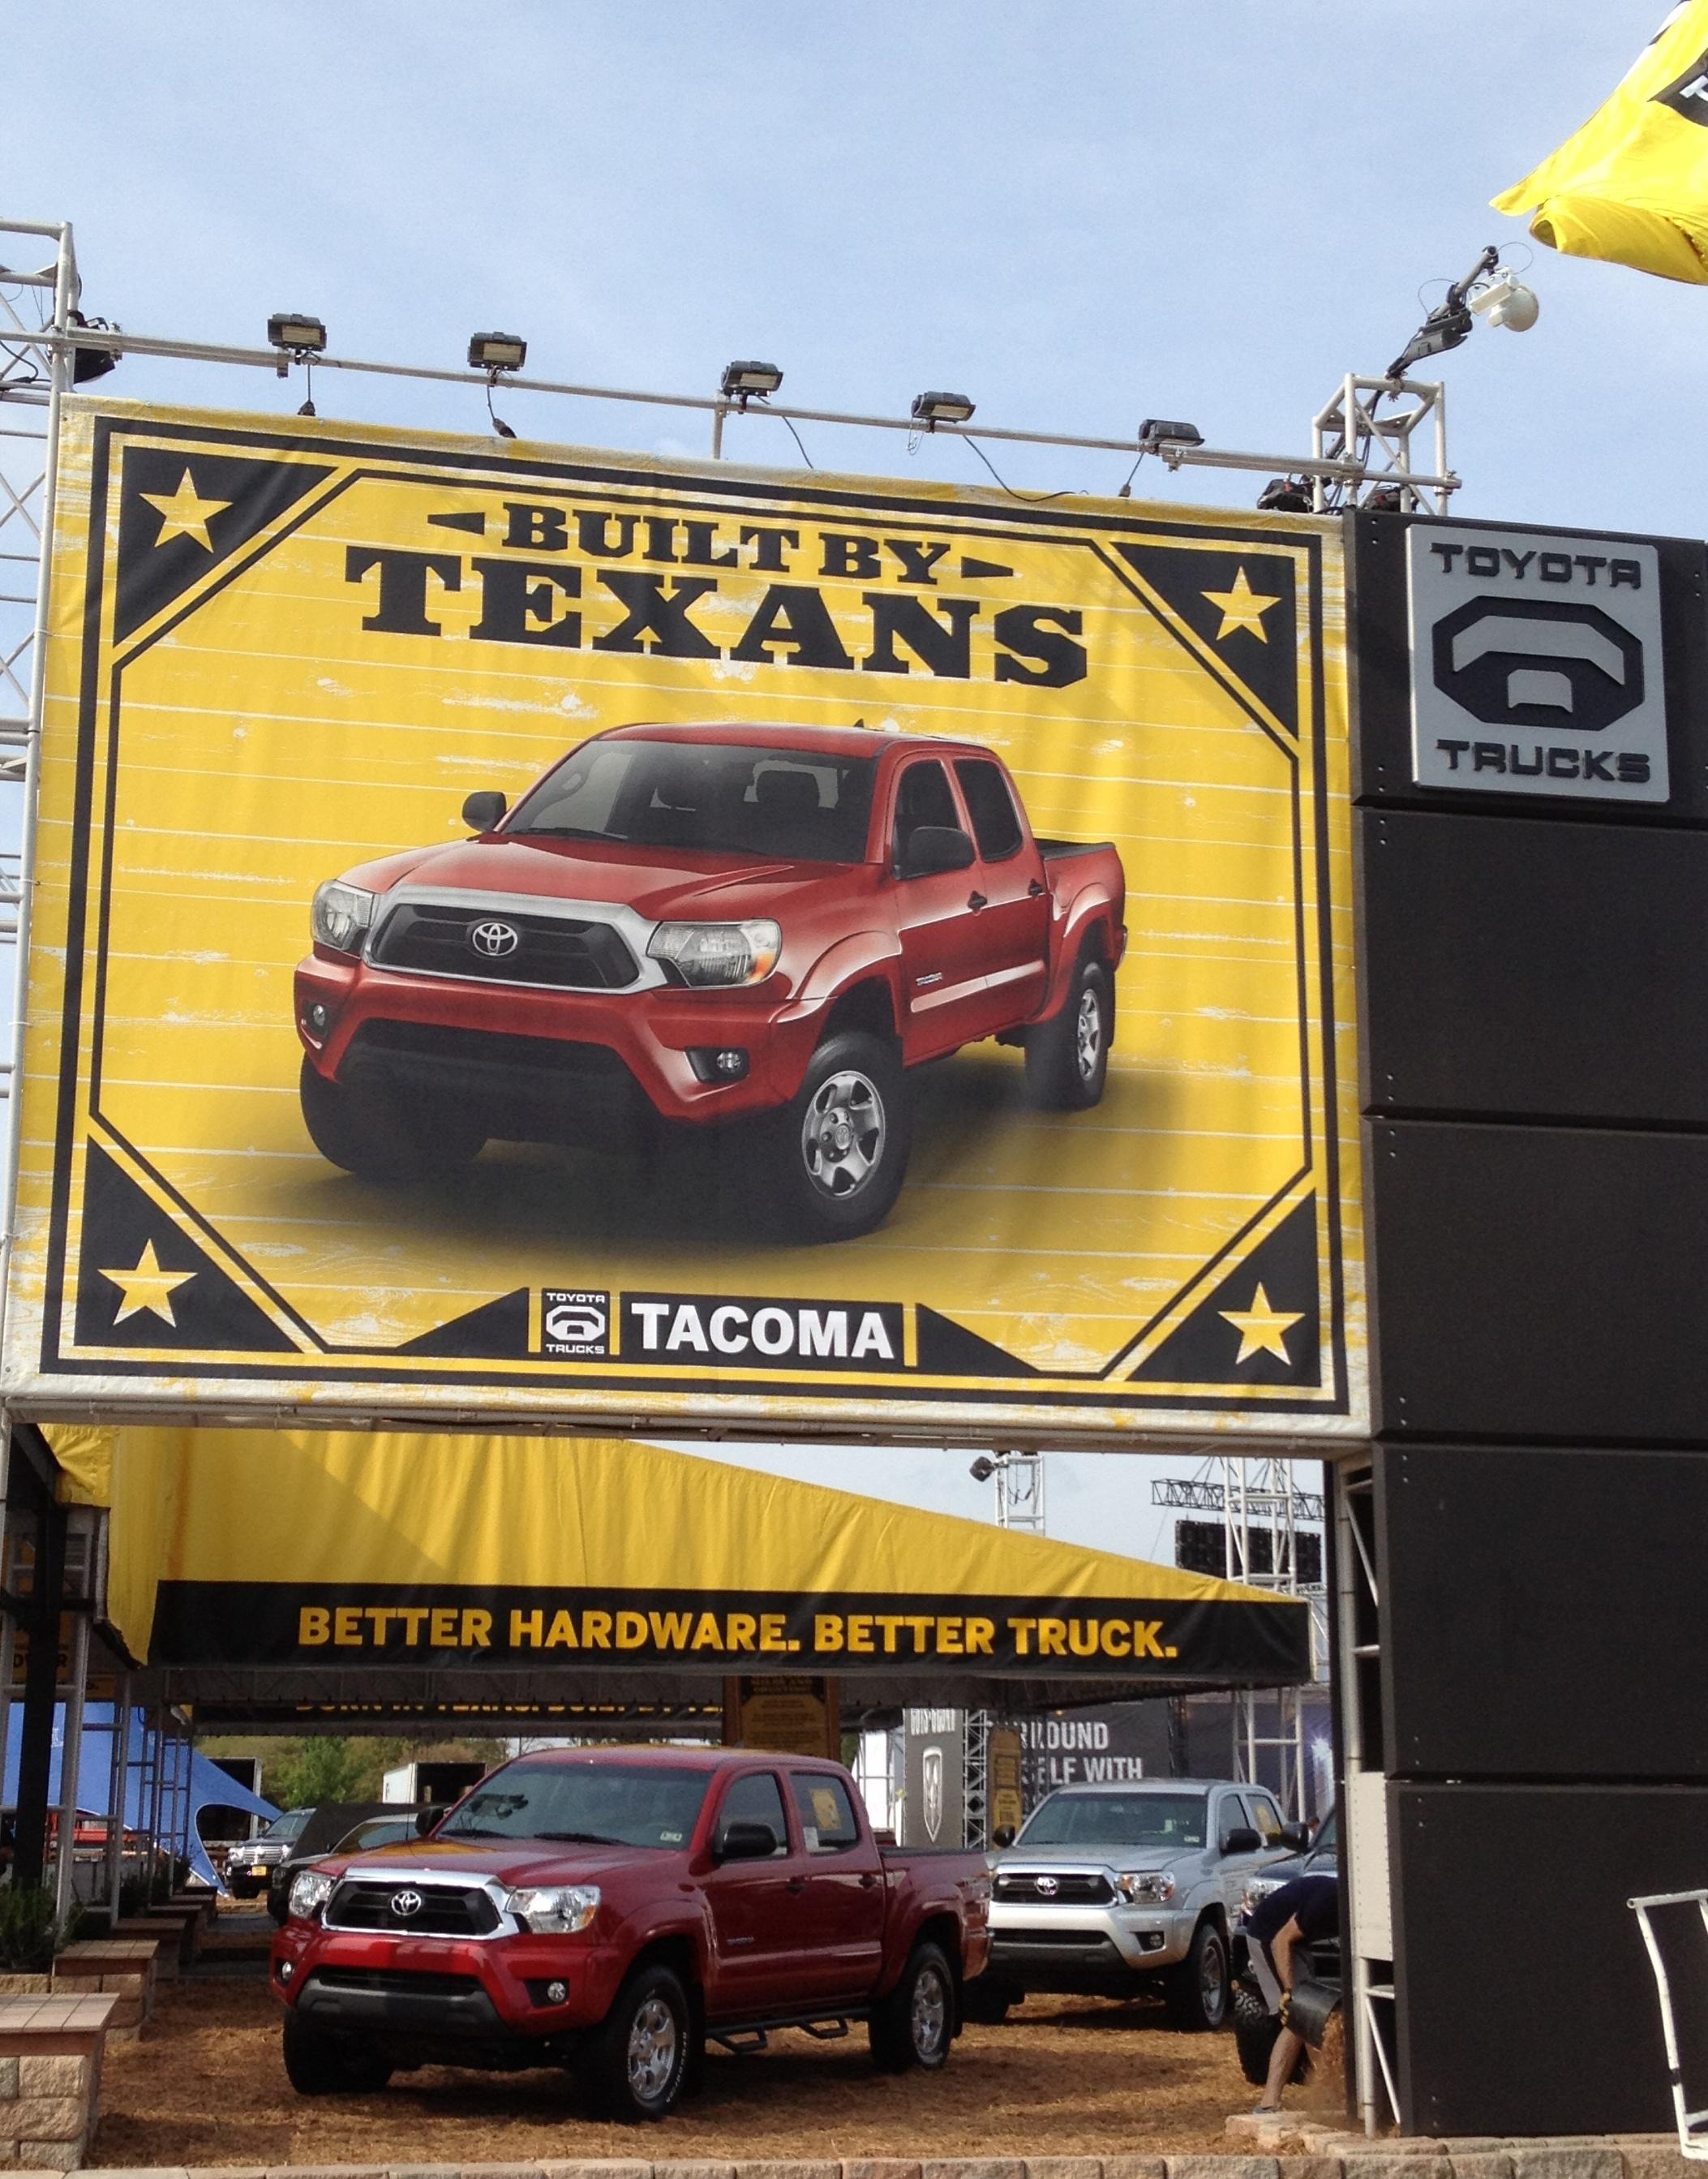 toyota truck jokes #2